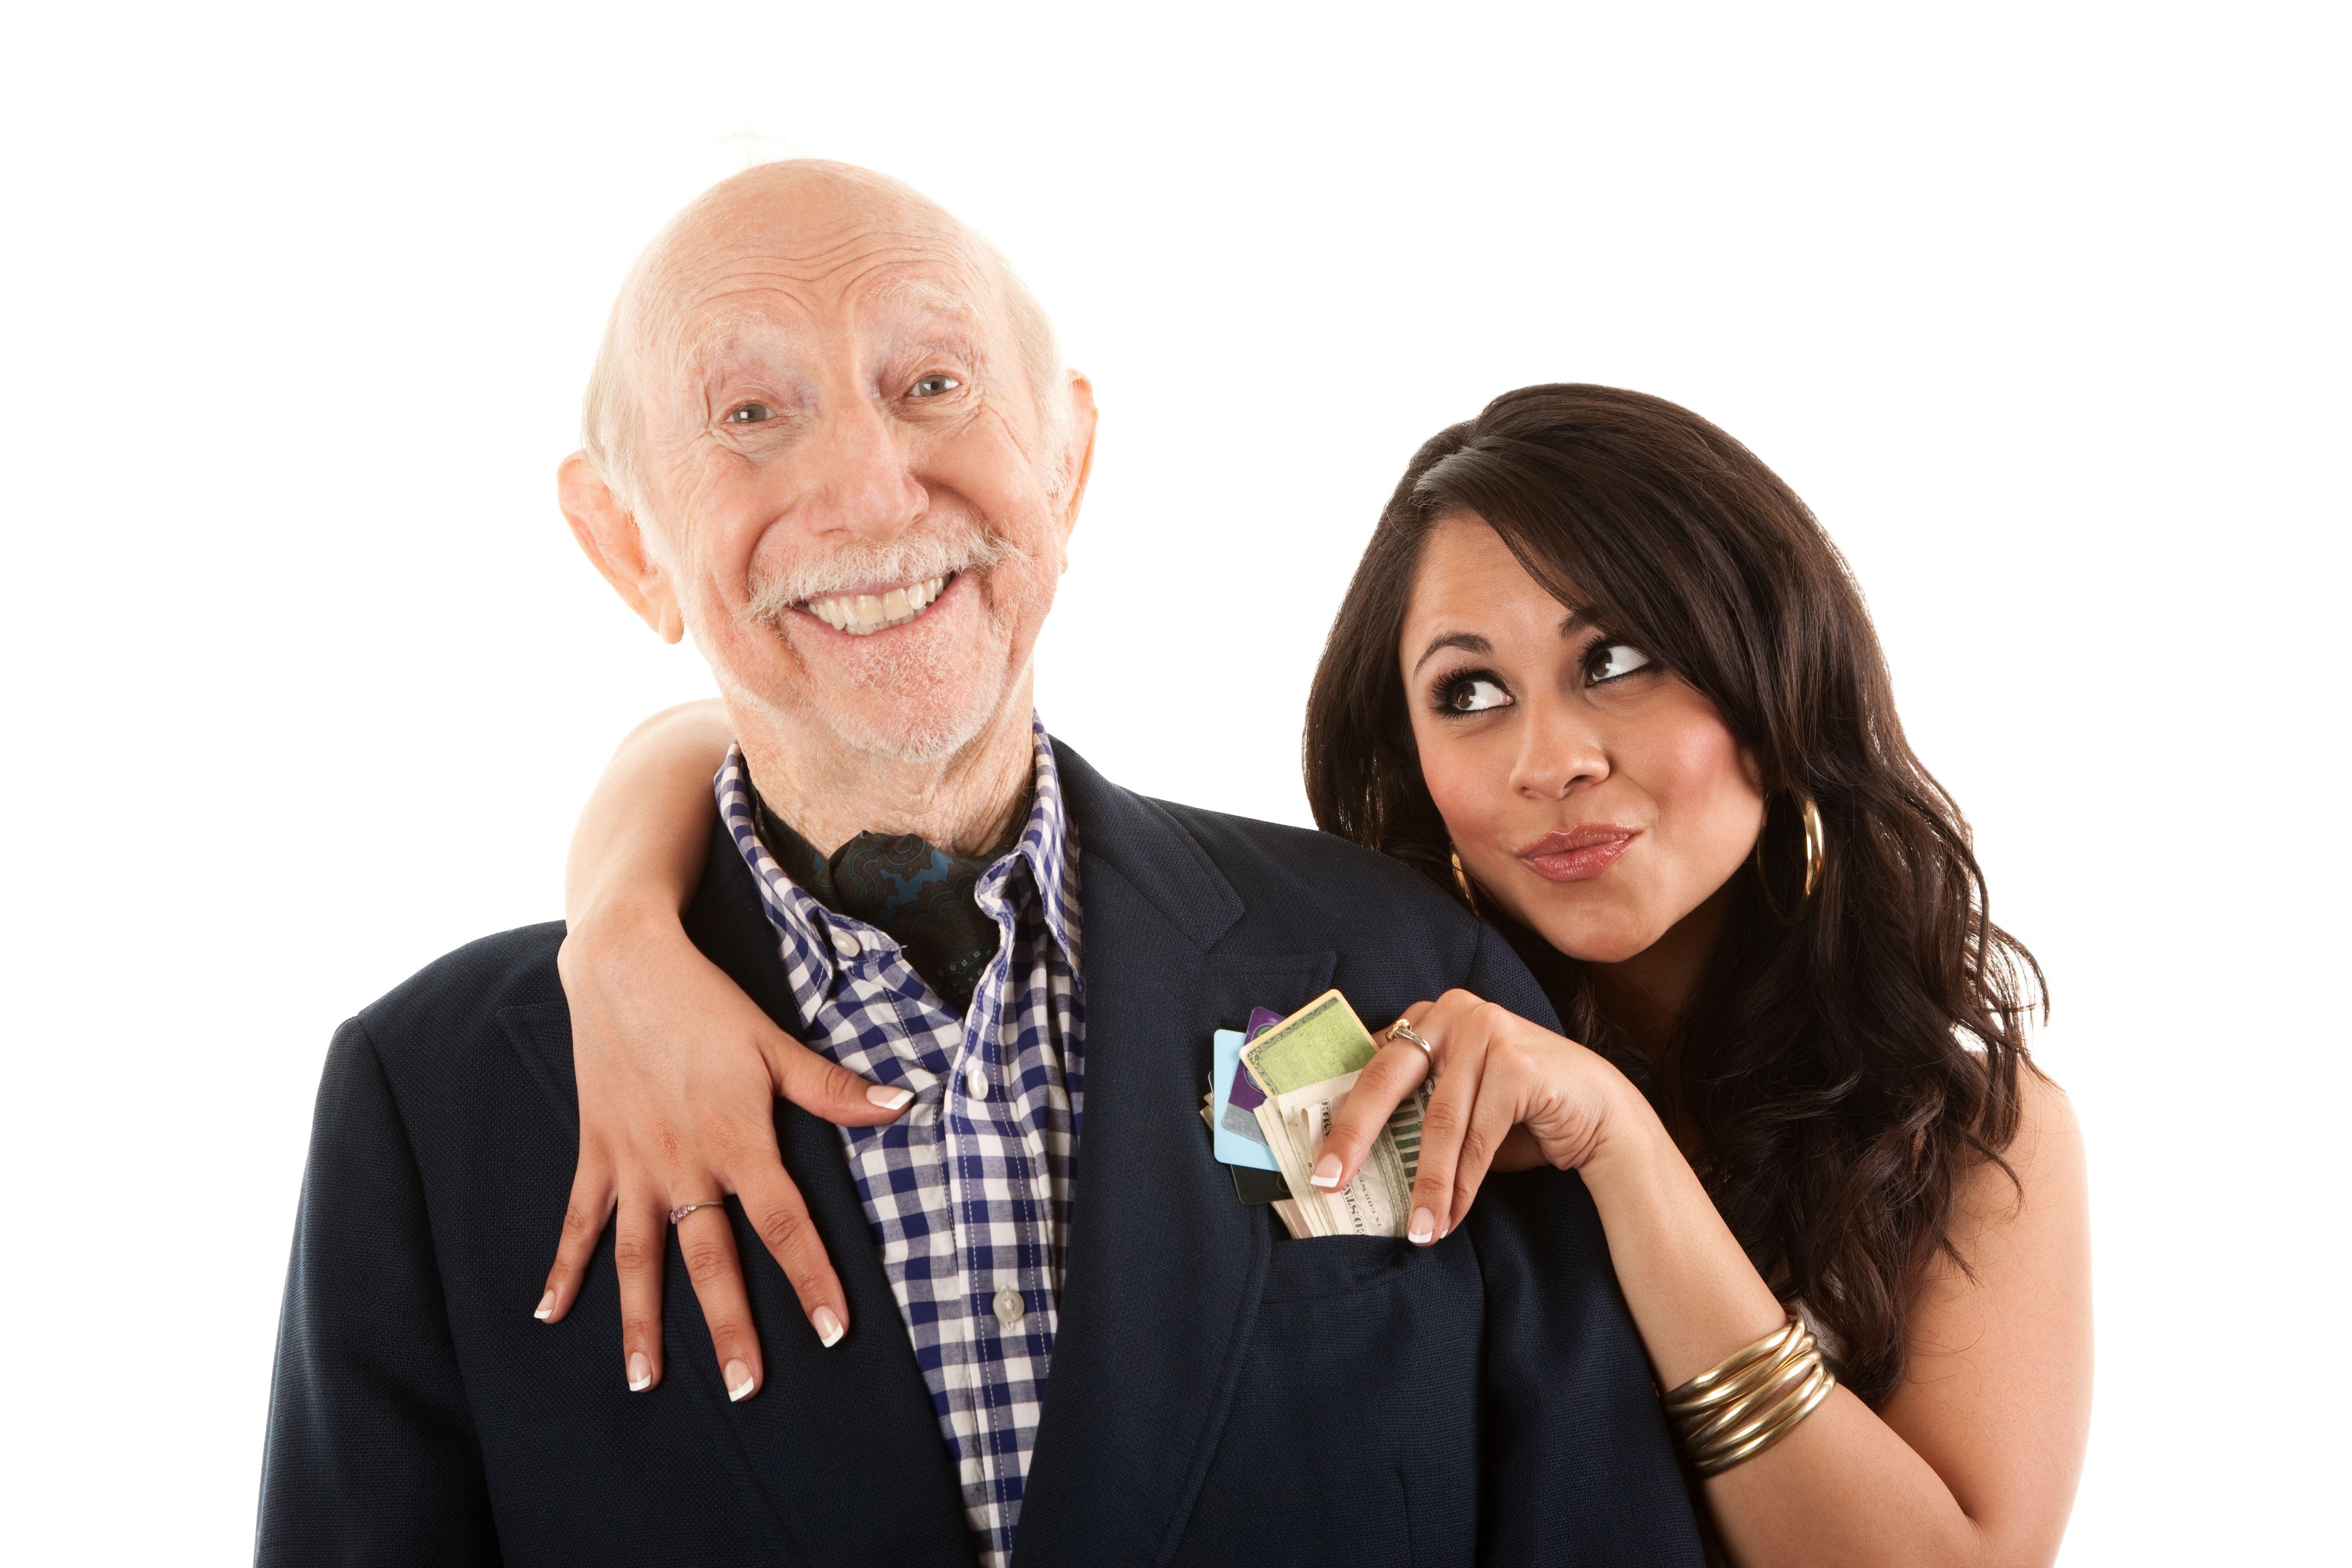 Чтобы сделать, старик и девушка смешные картинки